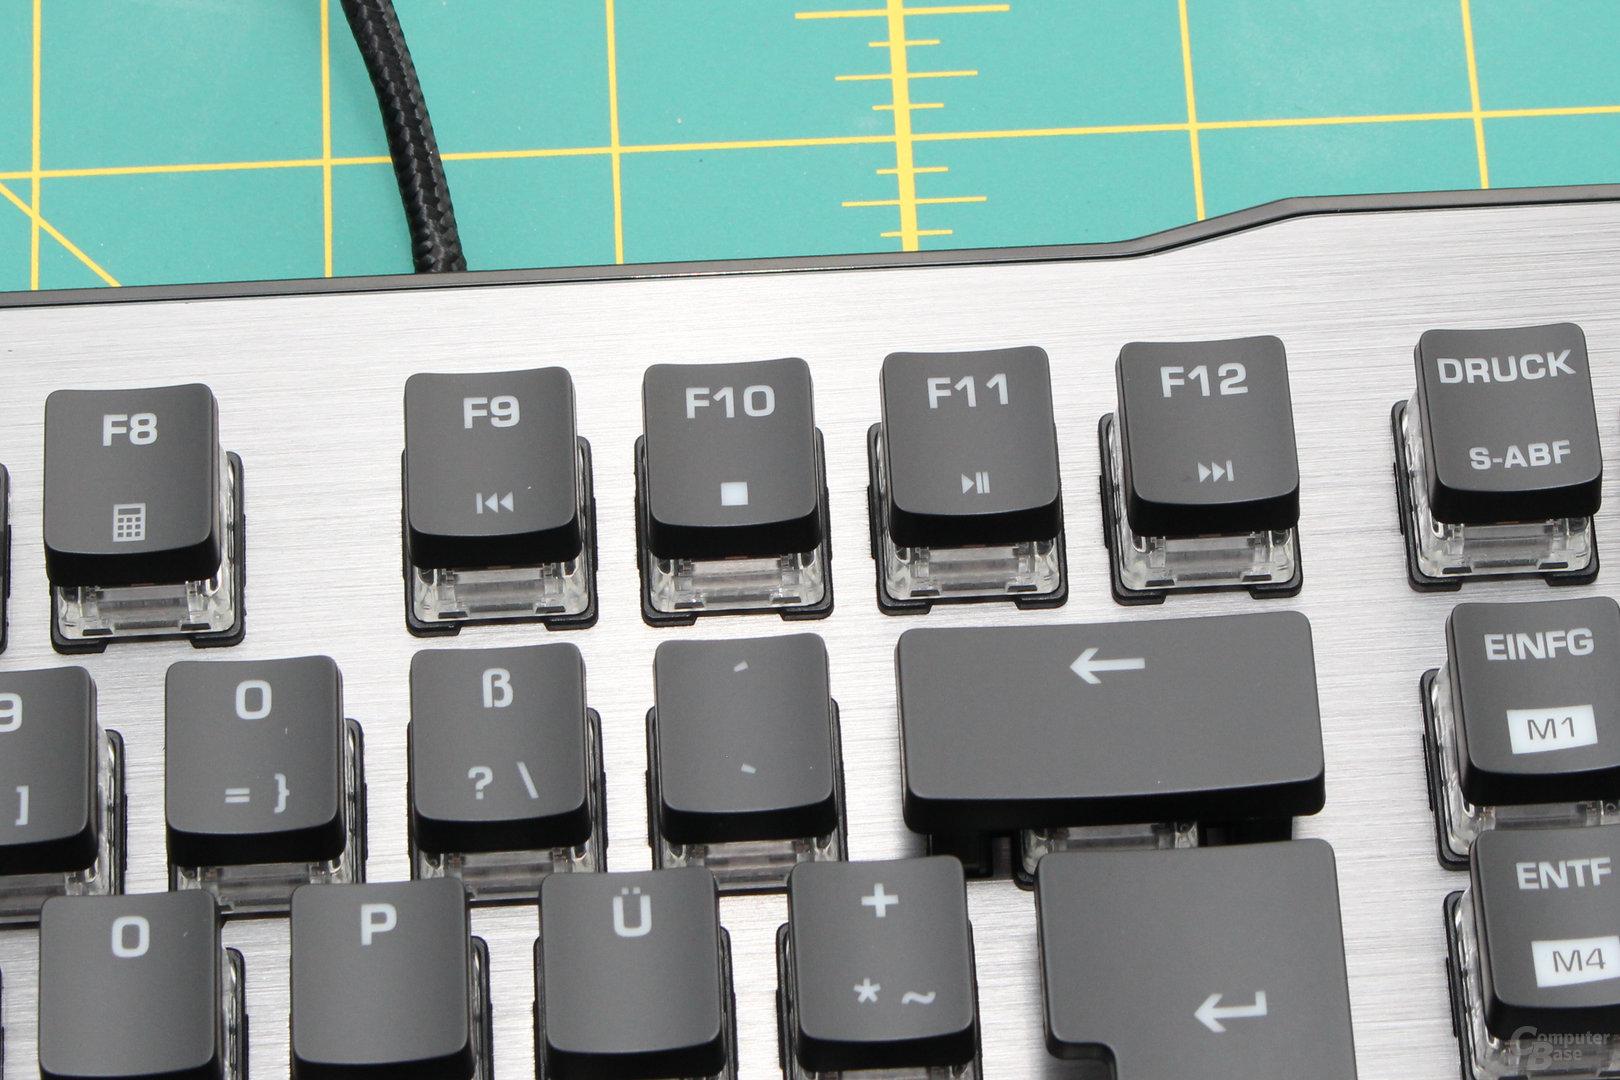 Steuerung des Medienplayers (F9 bis F12)